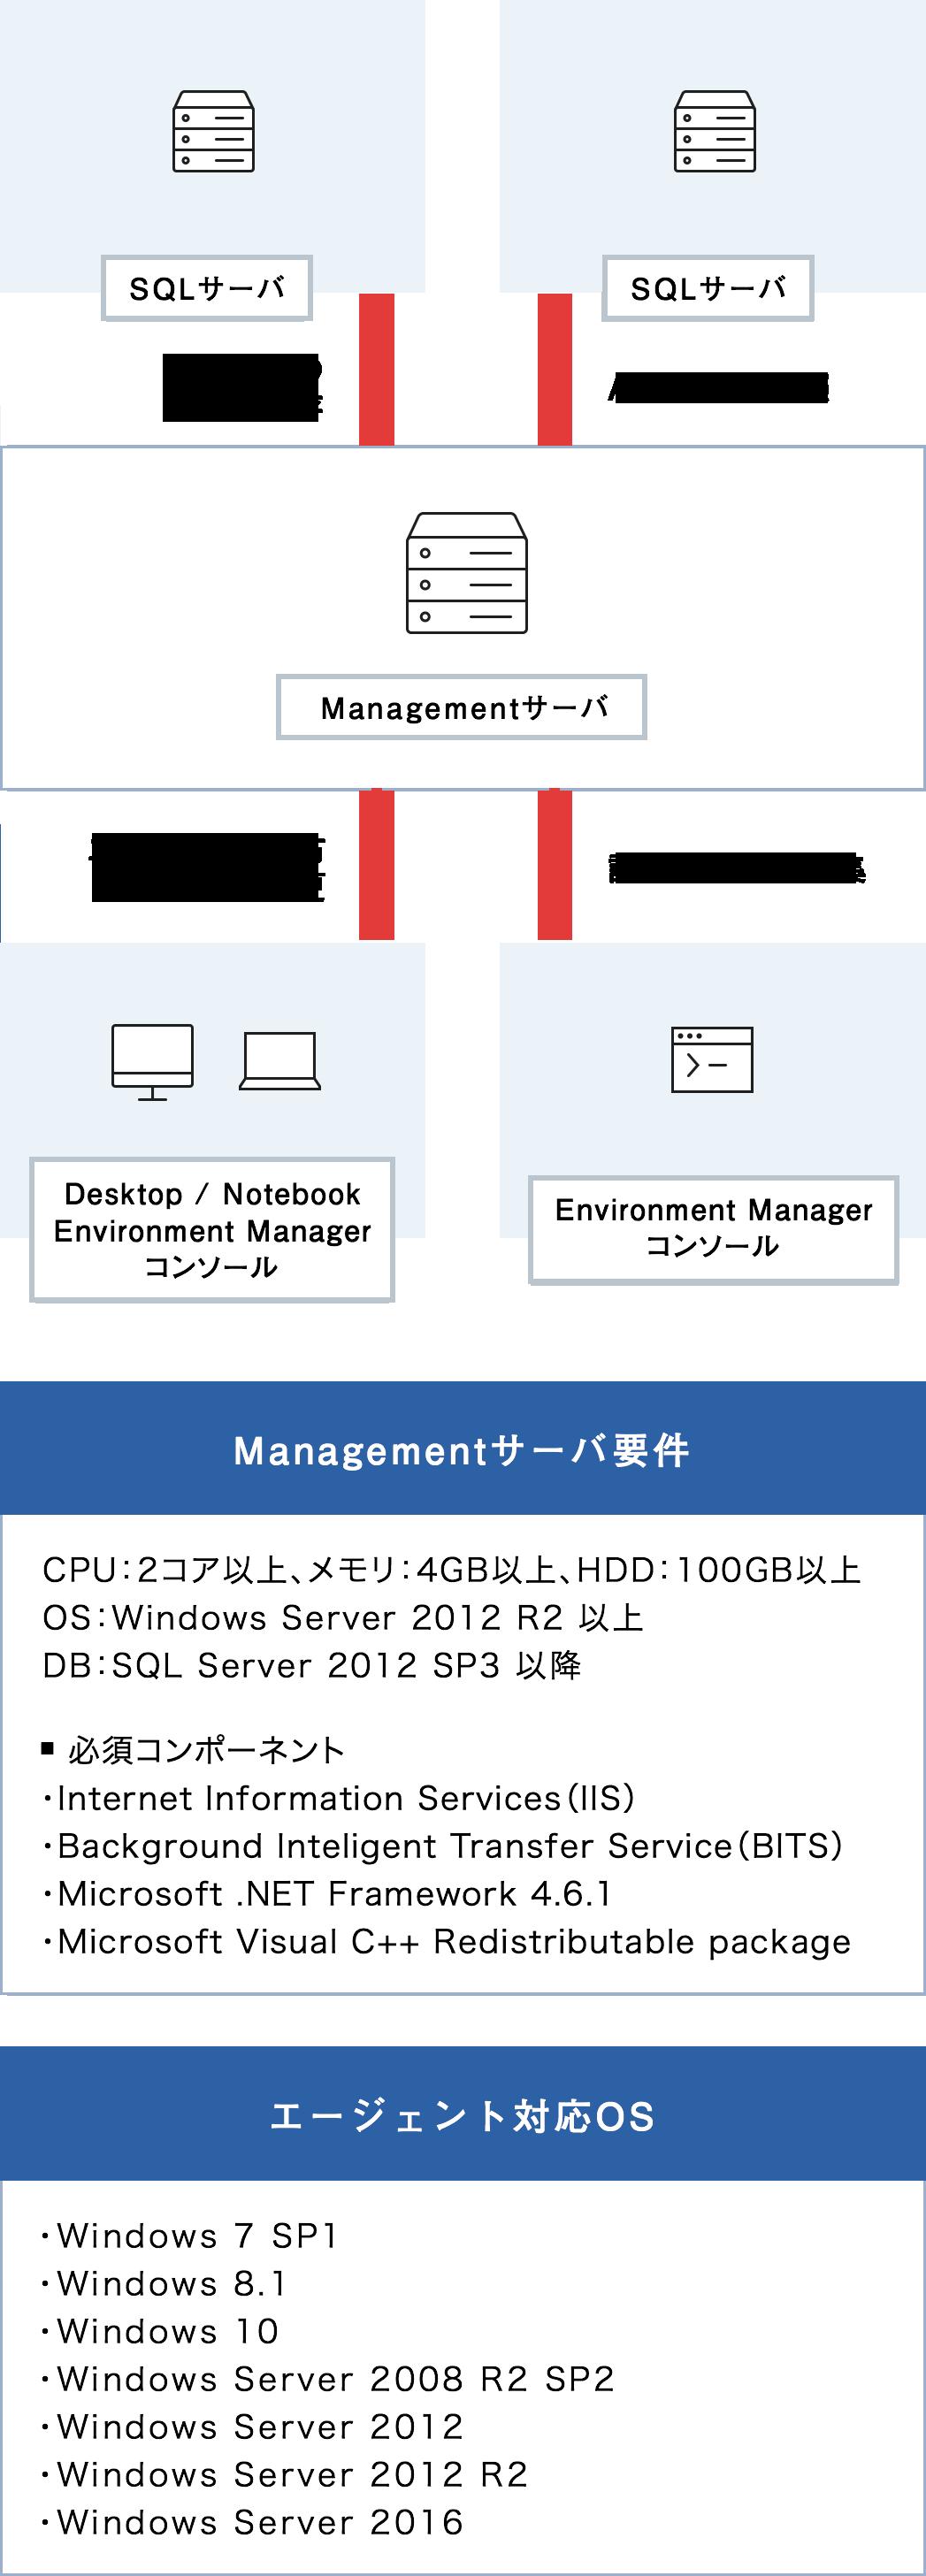 図:システム構成イメージ(SP)